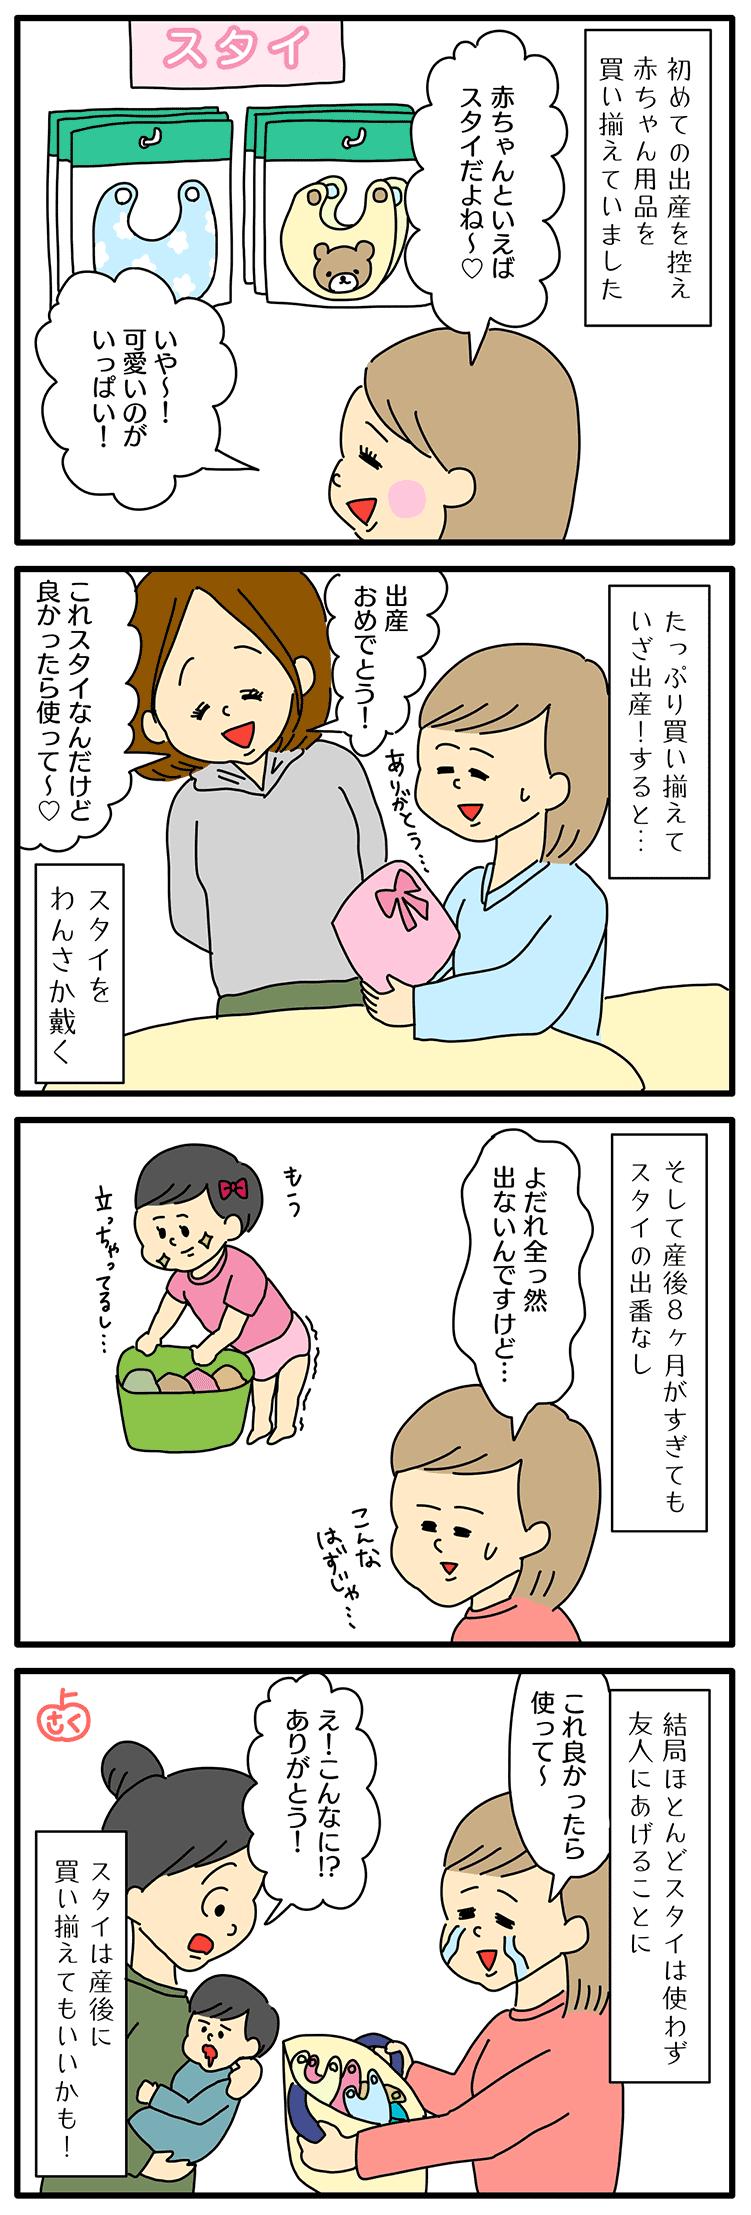 スタイをいつから使うかの永岡さくら(saku)さんの子育て4コマ漫画